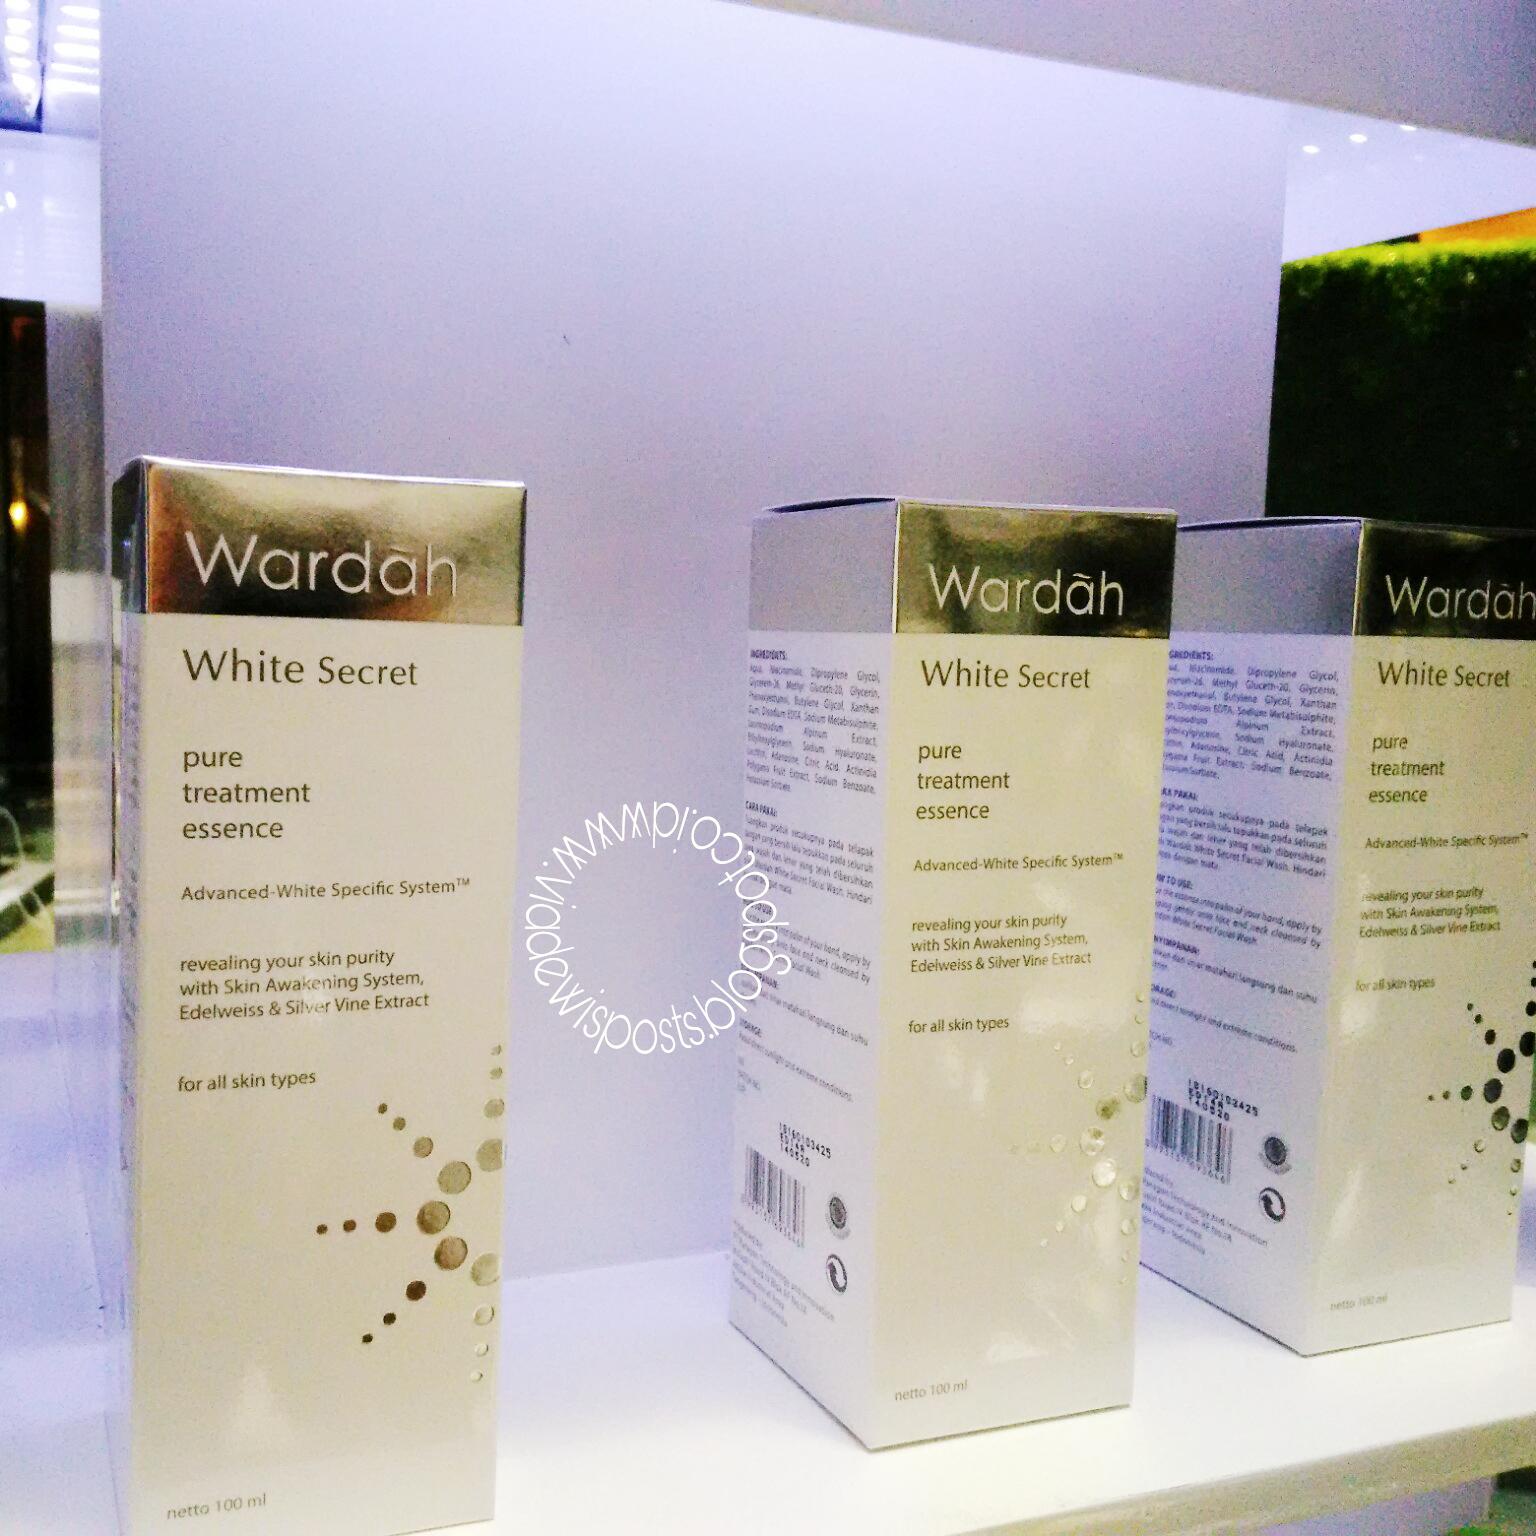 Launching Wardah White Secret Pure Treatment Essence Shining With Bukan Yang Dicabut Sembarangan Tapi Bekerjasama Dengan Beberapa Ahli Dari Swiss Mempunyai Ladang Edelweiss